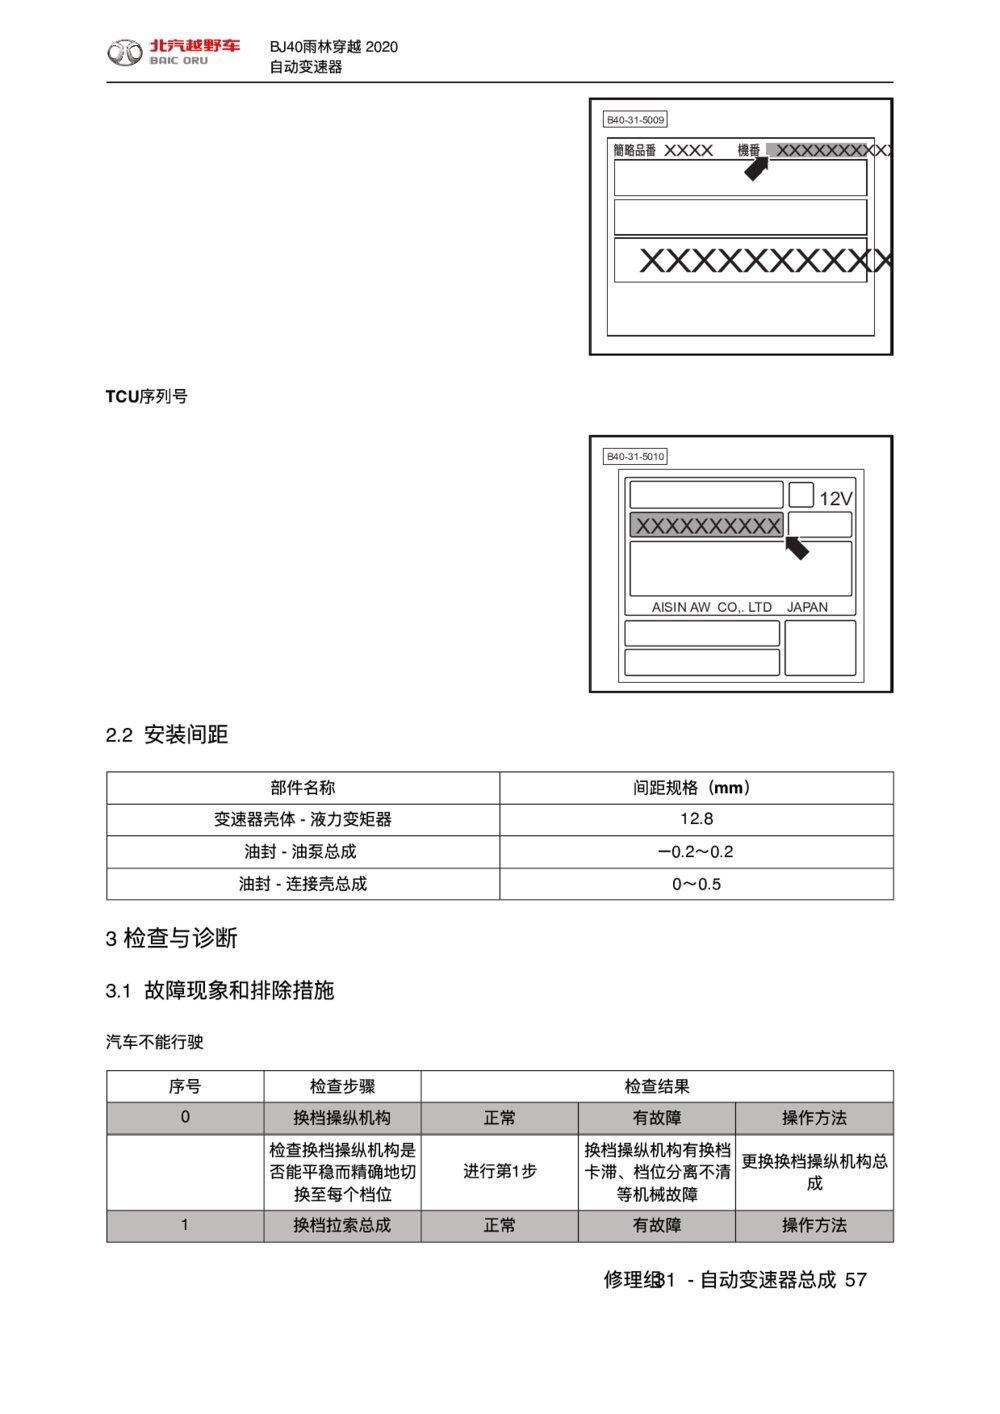 2020款北京BJ40雨林穿越版自动变速器检查与诊断